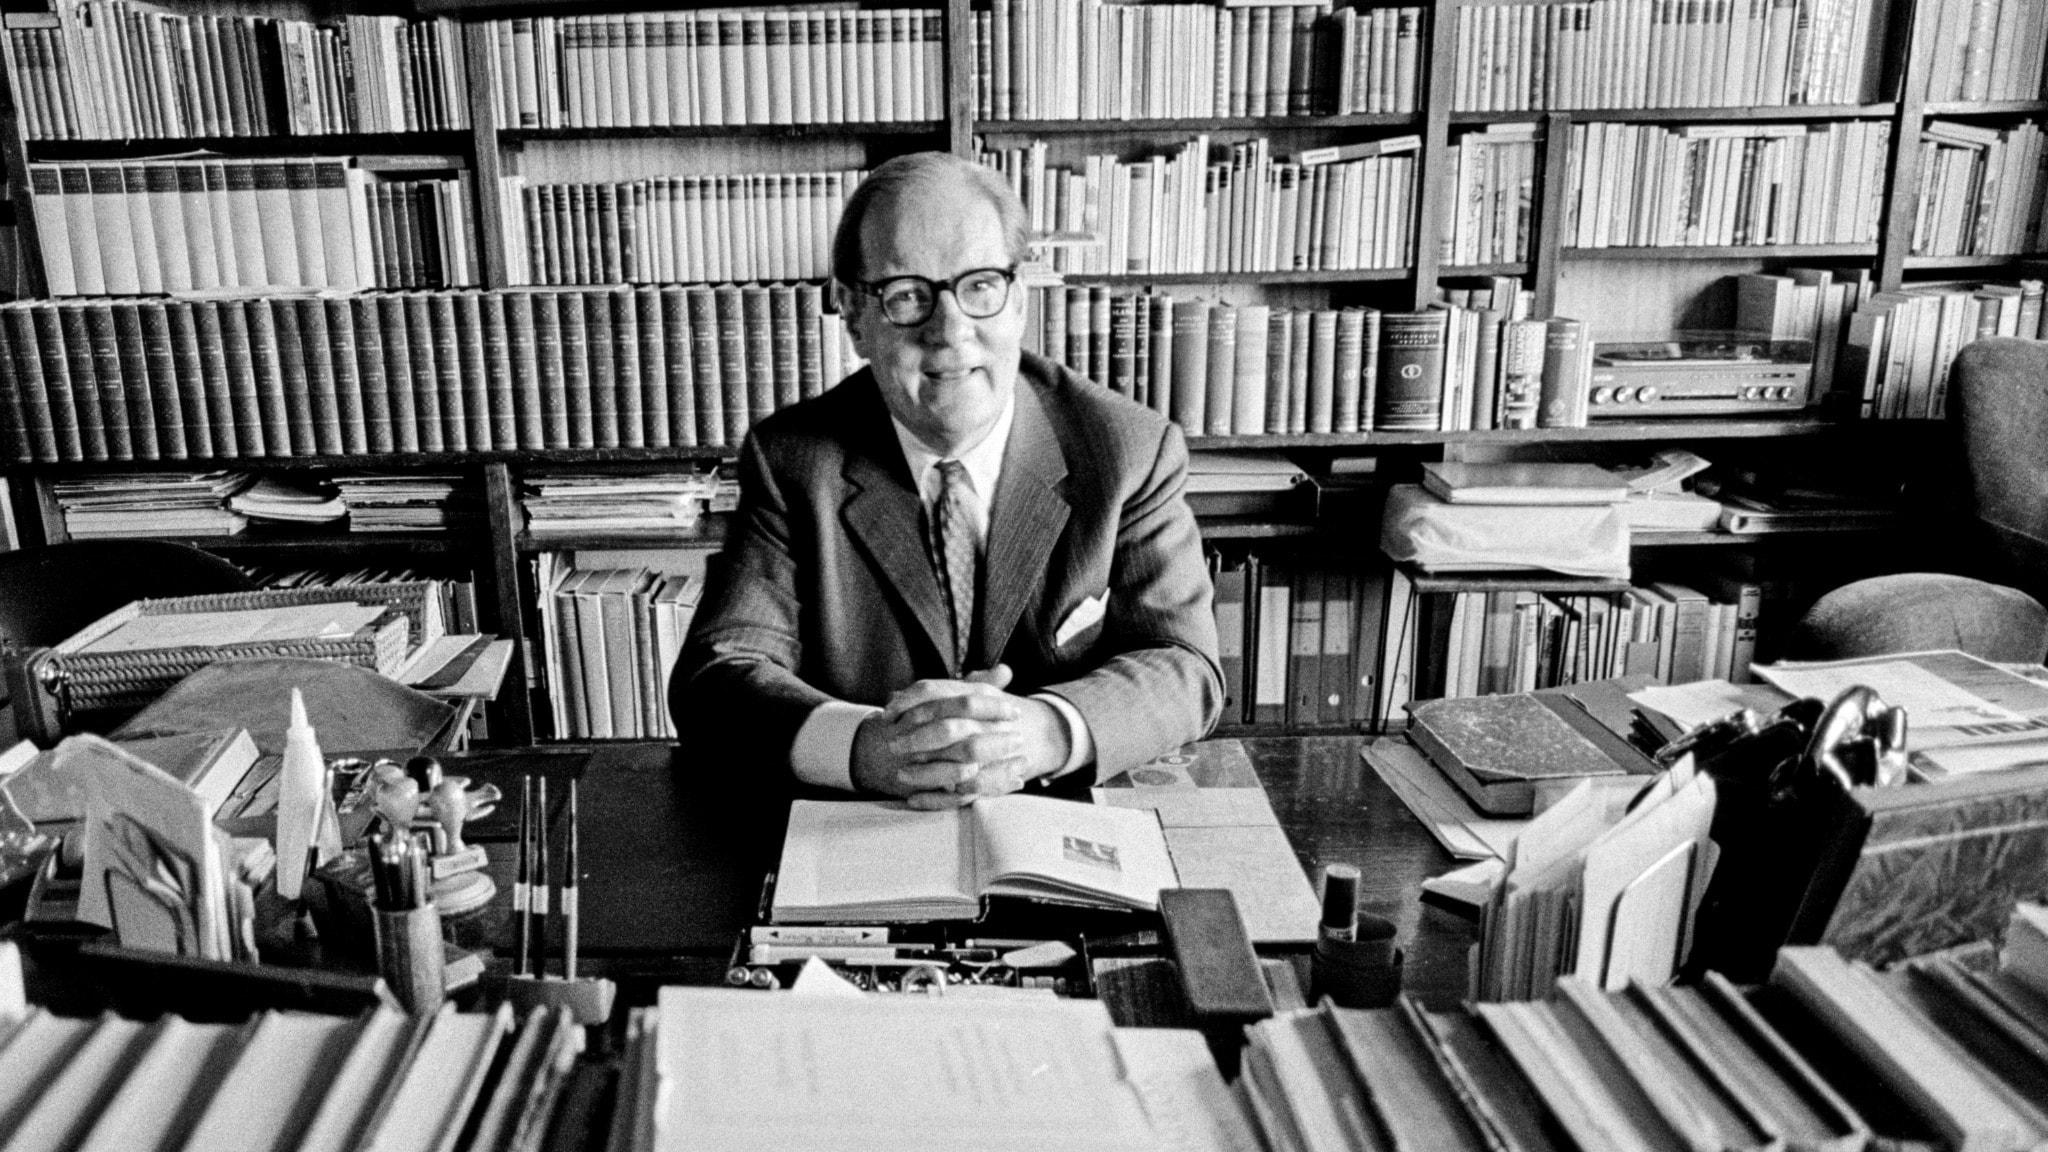 Författaren Sven Stolpe i sitt stora bibliotek.